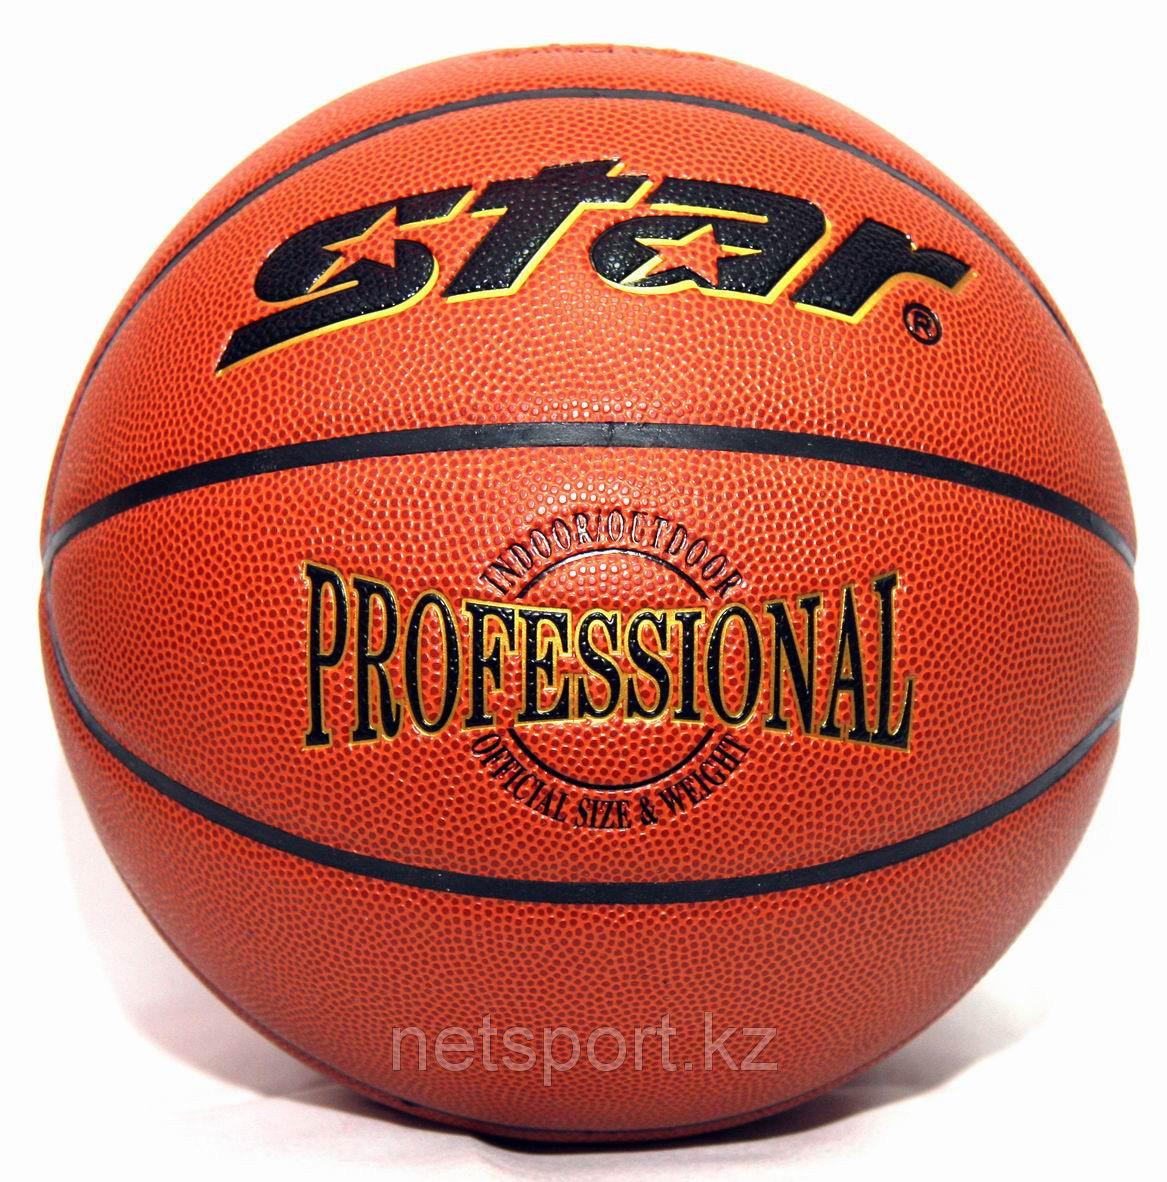 Баскетбольный мяч Star Professional